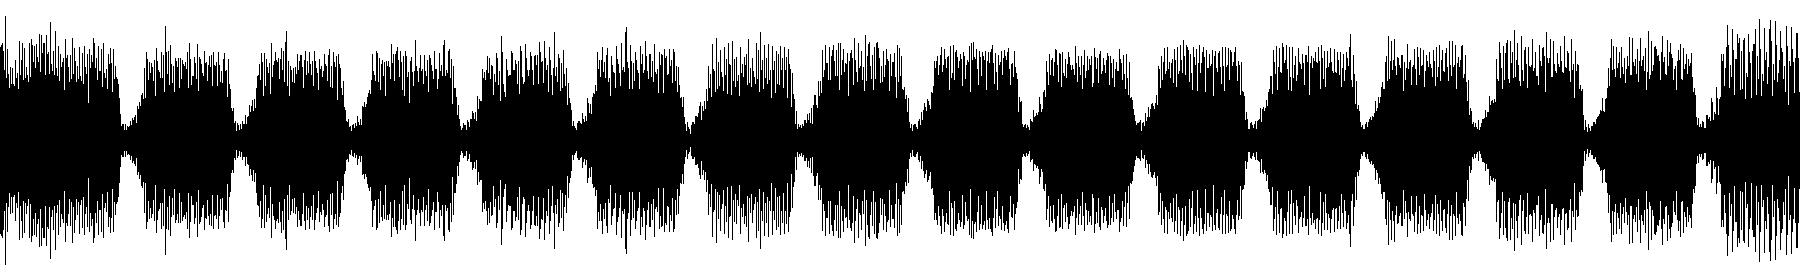 dubstep 125